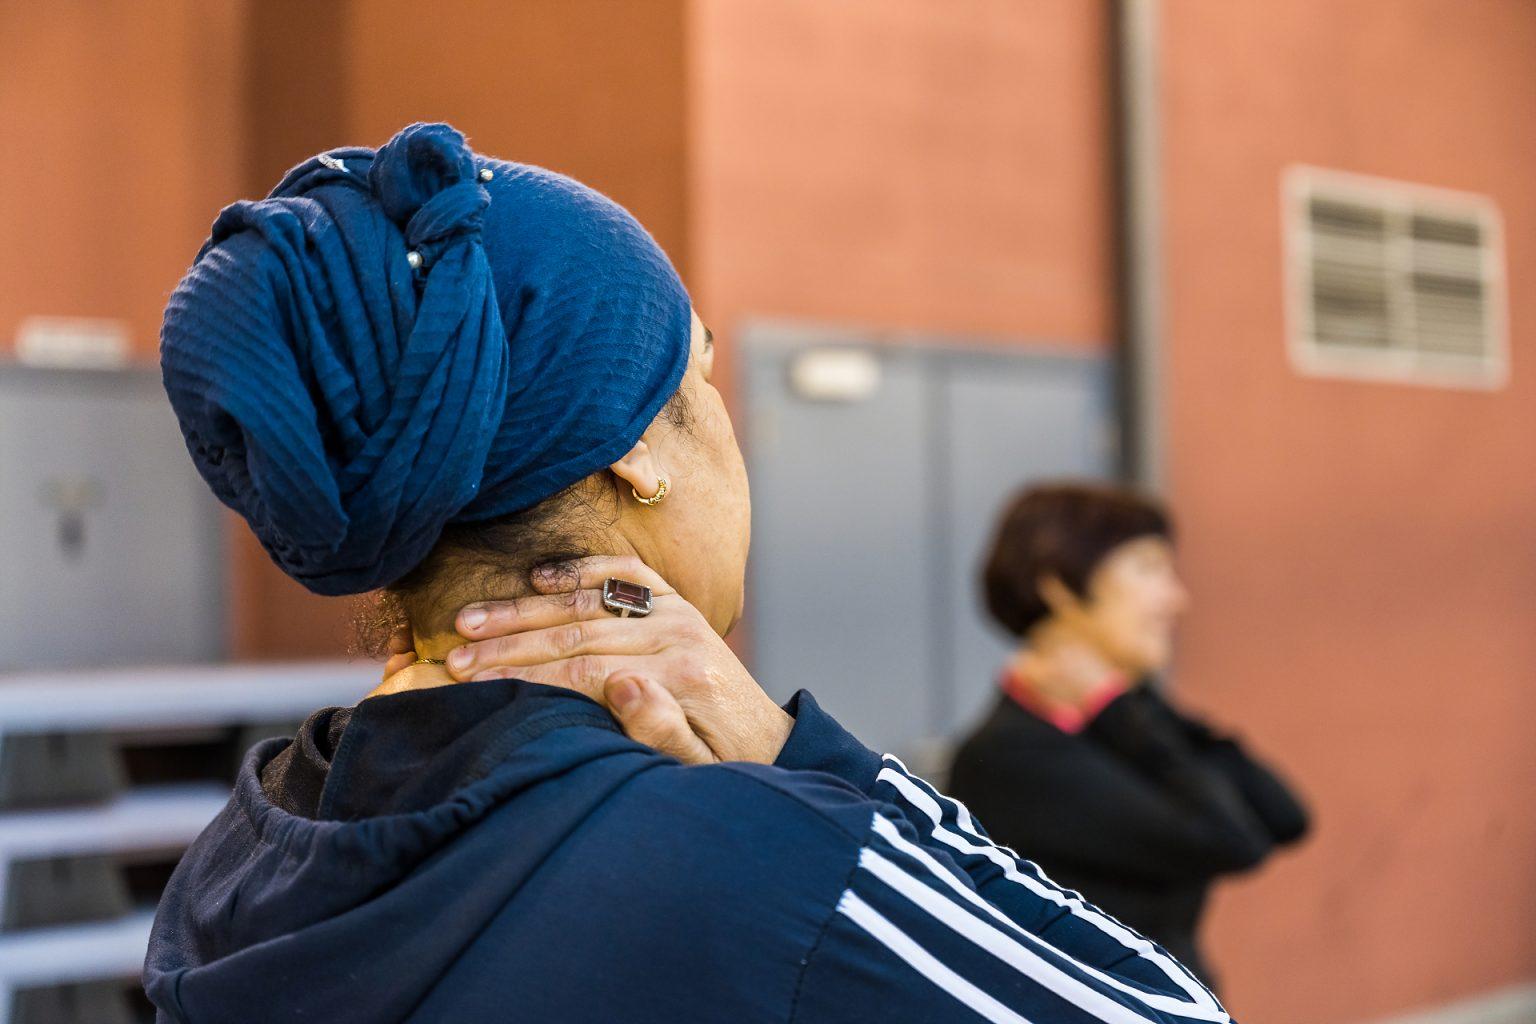 Séance de sport Hall Omnisport Charleroi, Travail sur la confiance en soi par la pratique sportive et la photographie, Aurore Delsoir Photographie